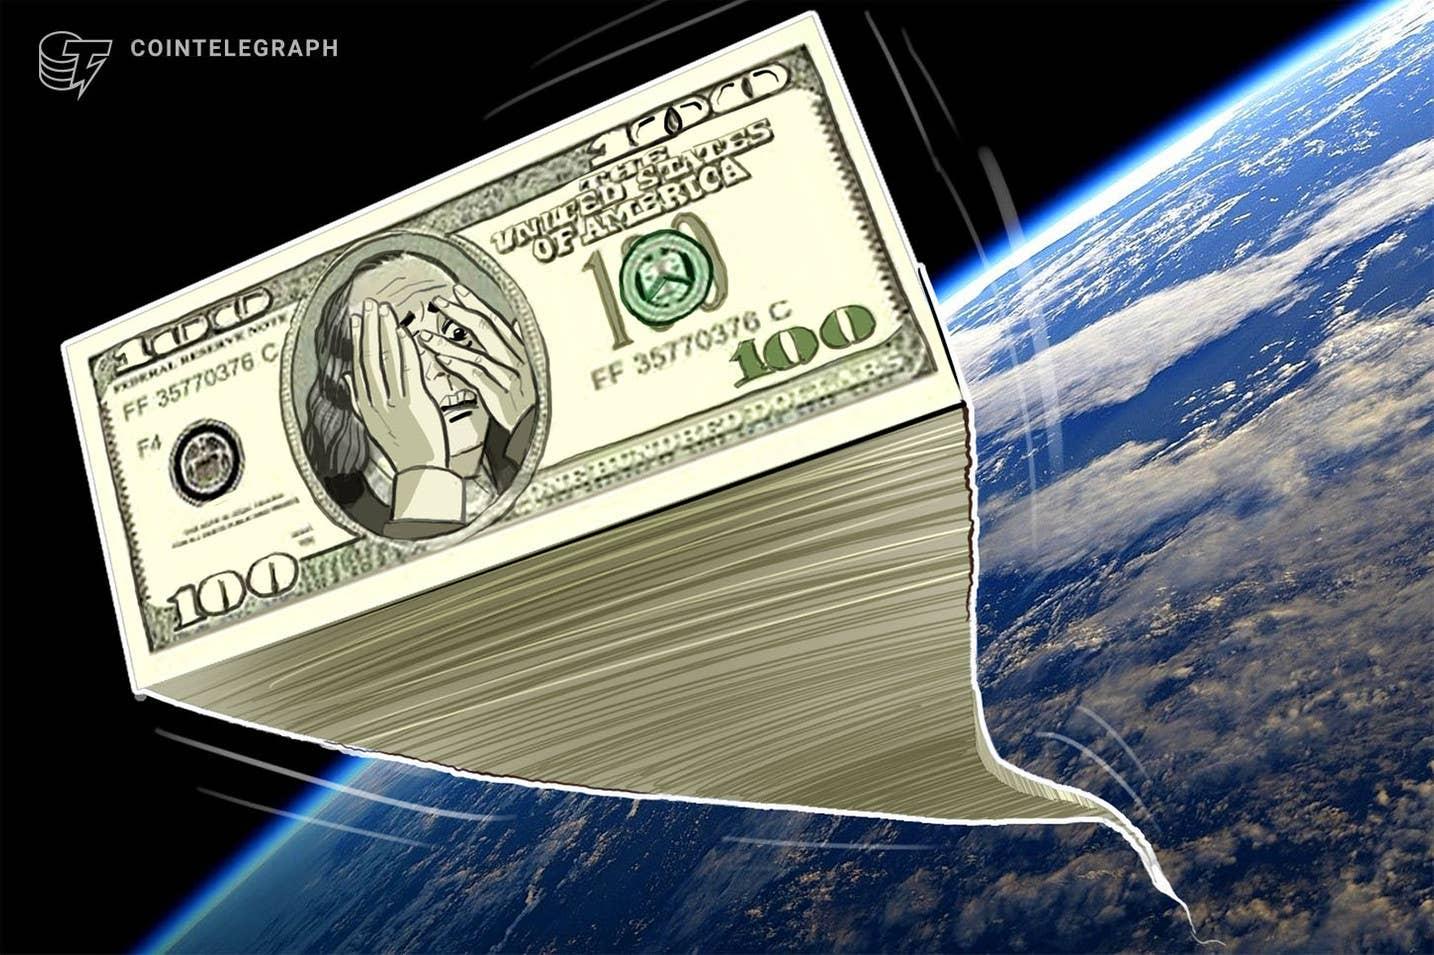 Czy kryzys zadłużenia Evergrande o wartości 300 miliardów dolarów stanowi ryzyko systemowe dla branży kryptograficznej?